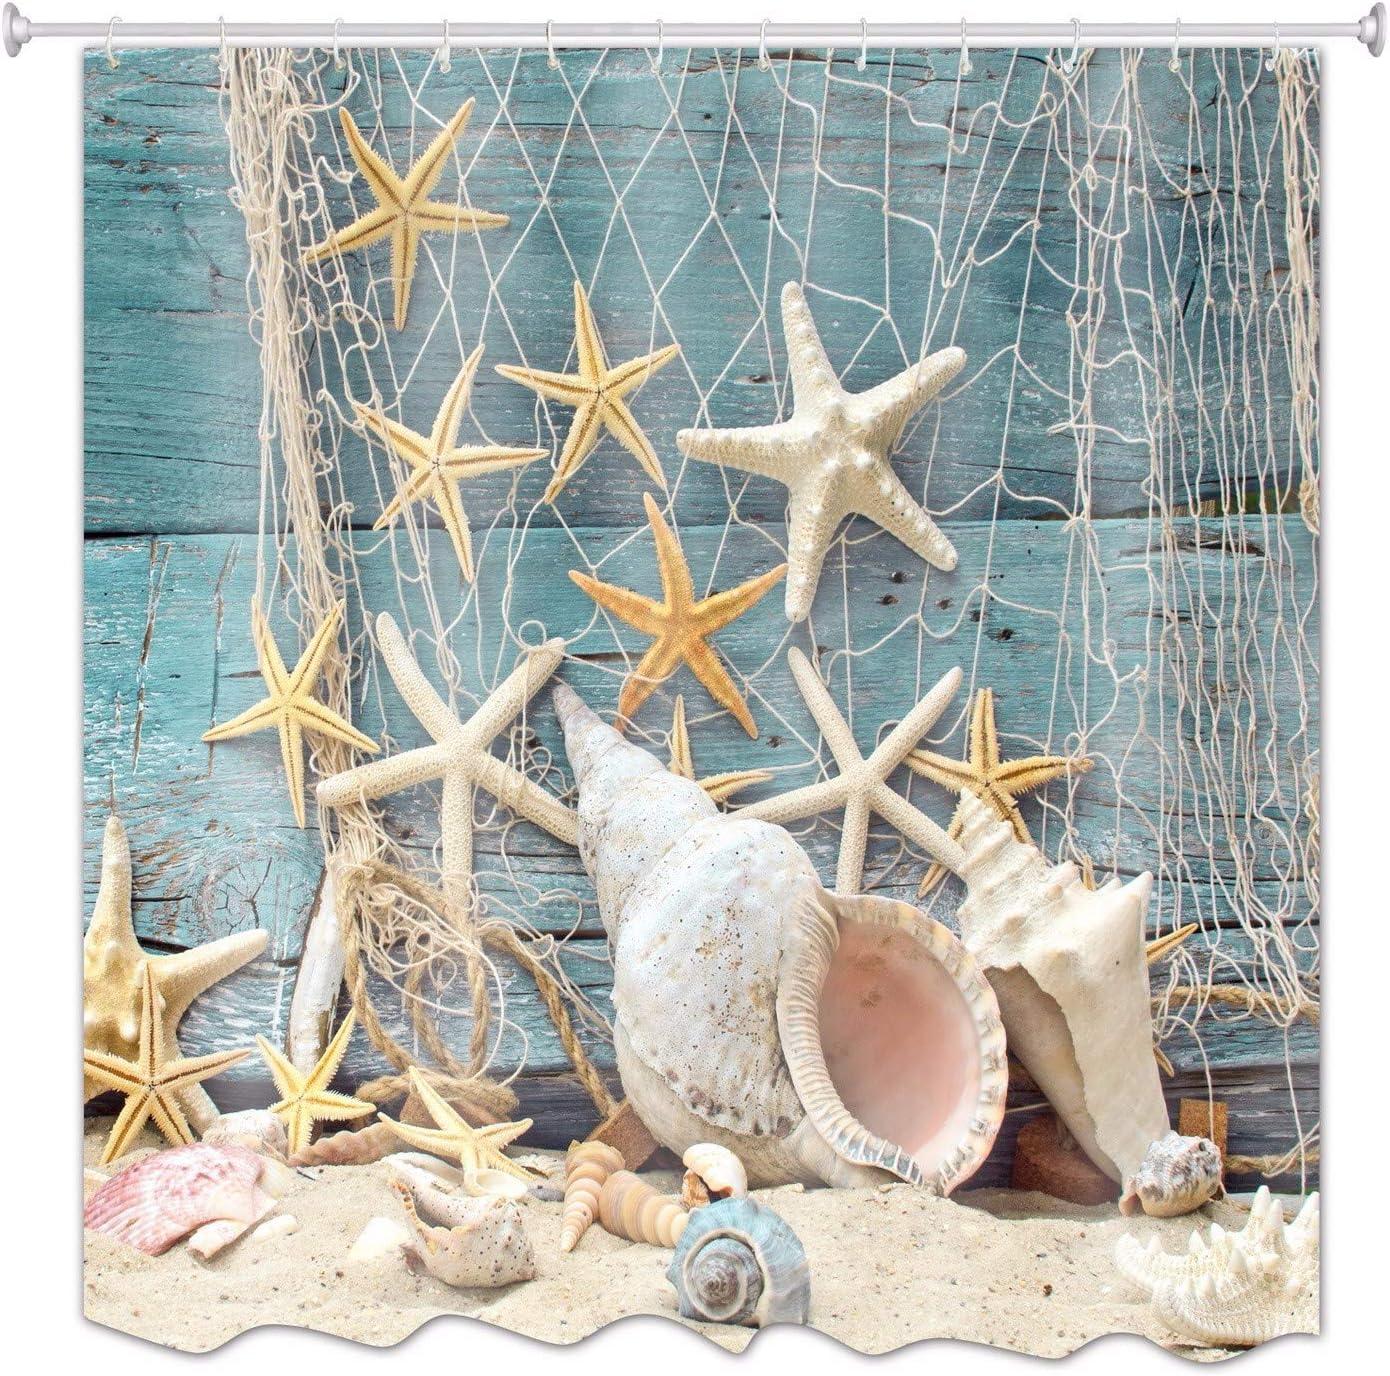 A.Monamour Barco De Madera Azul Decoración Náutica Mar Marina Red De Pesca Estrellas Y Conchas Foto Imprimir Poliéster Cortina De Ducha 180X180 Cm / 72X72 Pulgadas